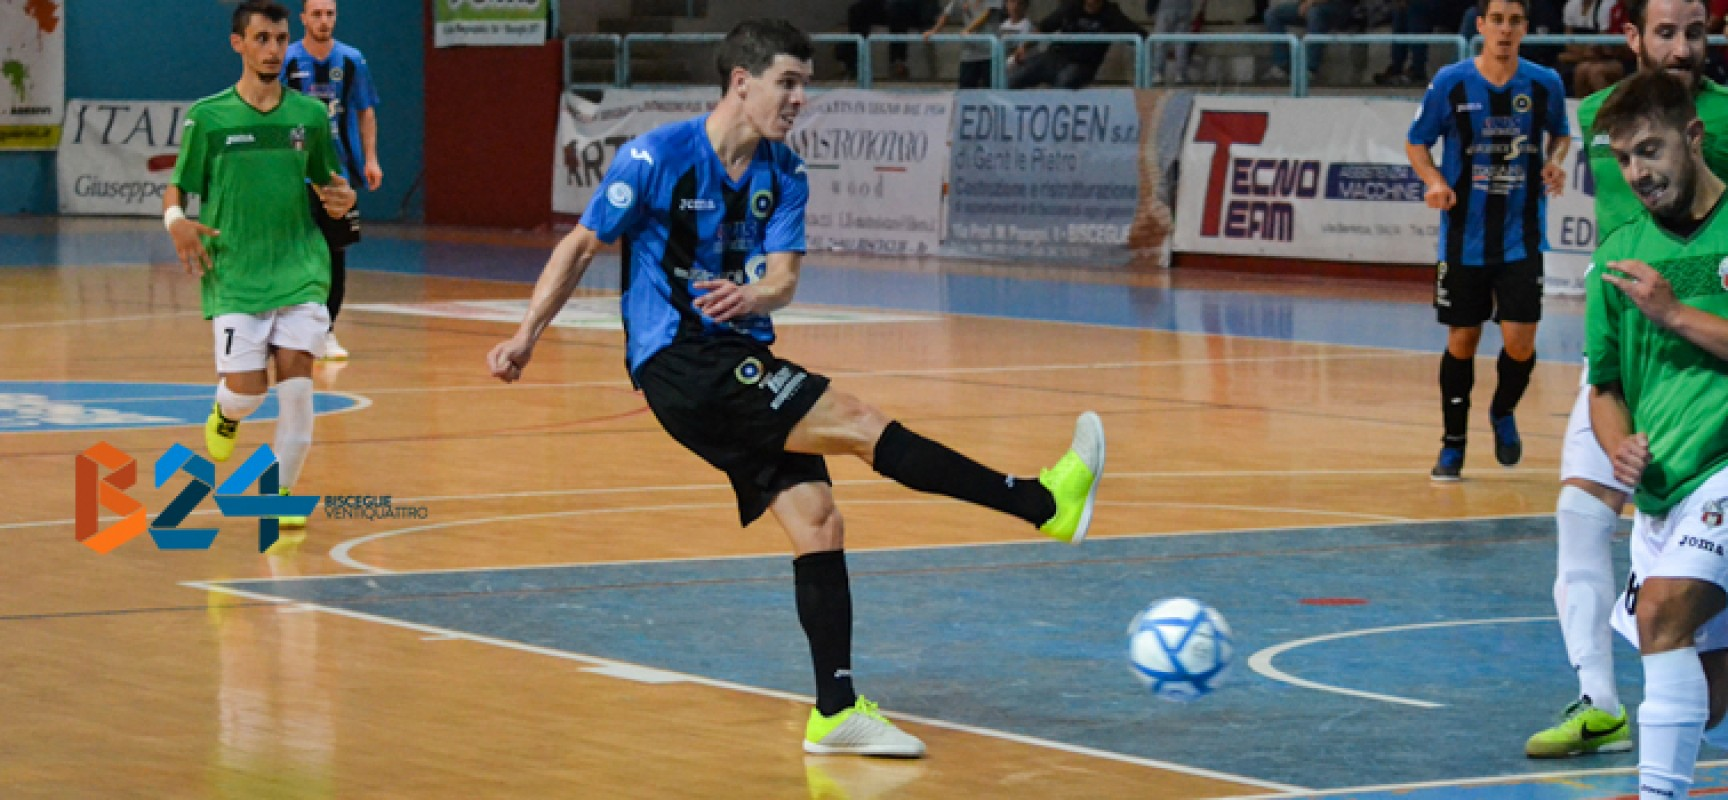 Tutto facile per il Futsal Bisceglie, 6-0 al Modugno